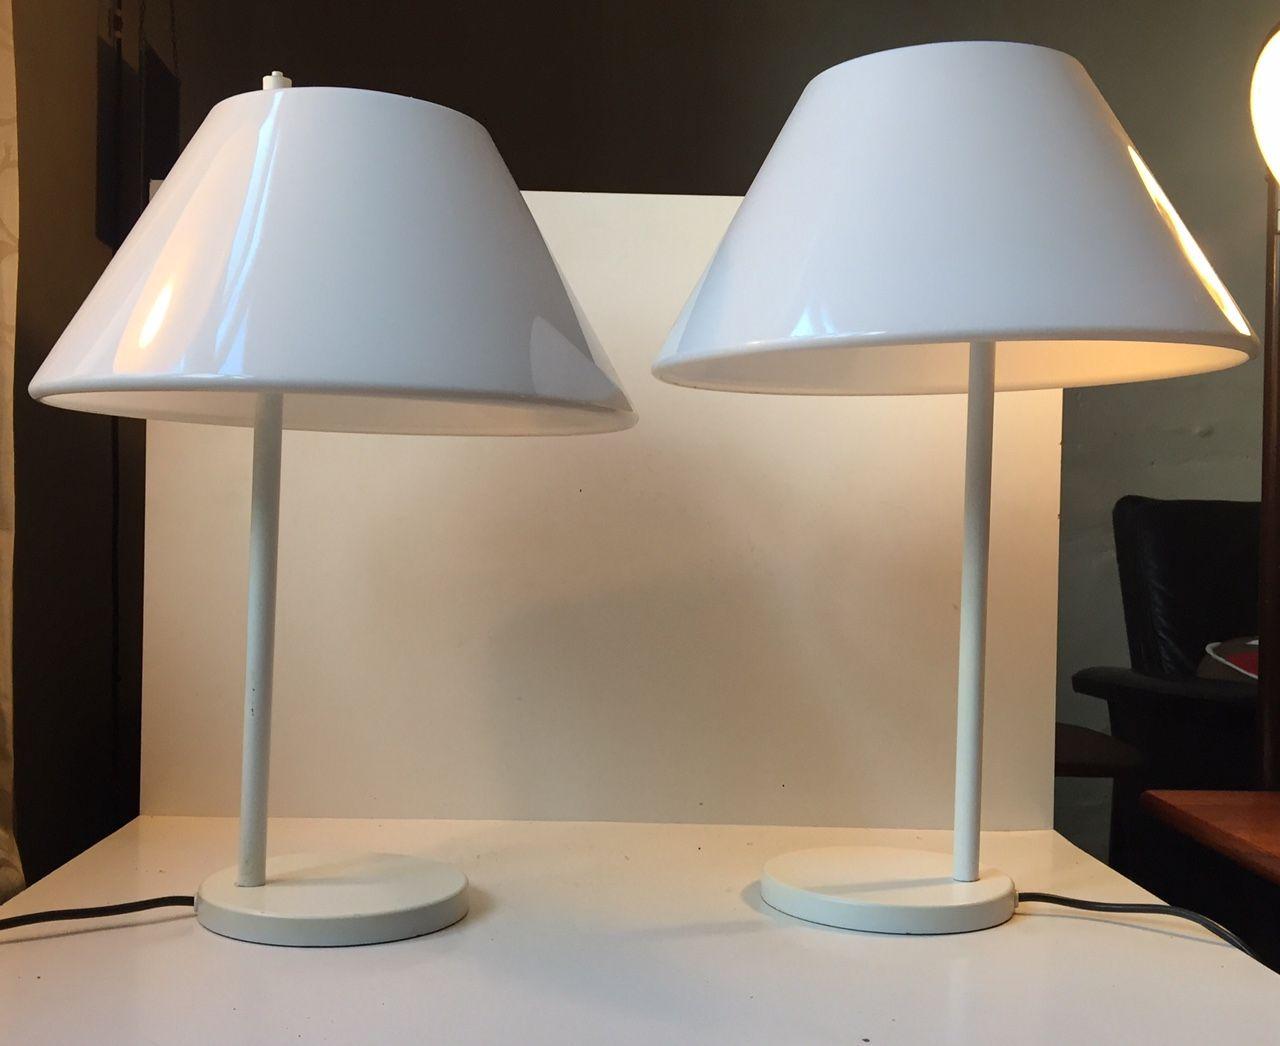 wei e minimalistische d nische combi tischlampen von per iversen f r louis poulsen 1980er 2er. Black Bedroom Furniture Sets. Home Design Ideas